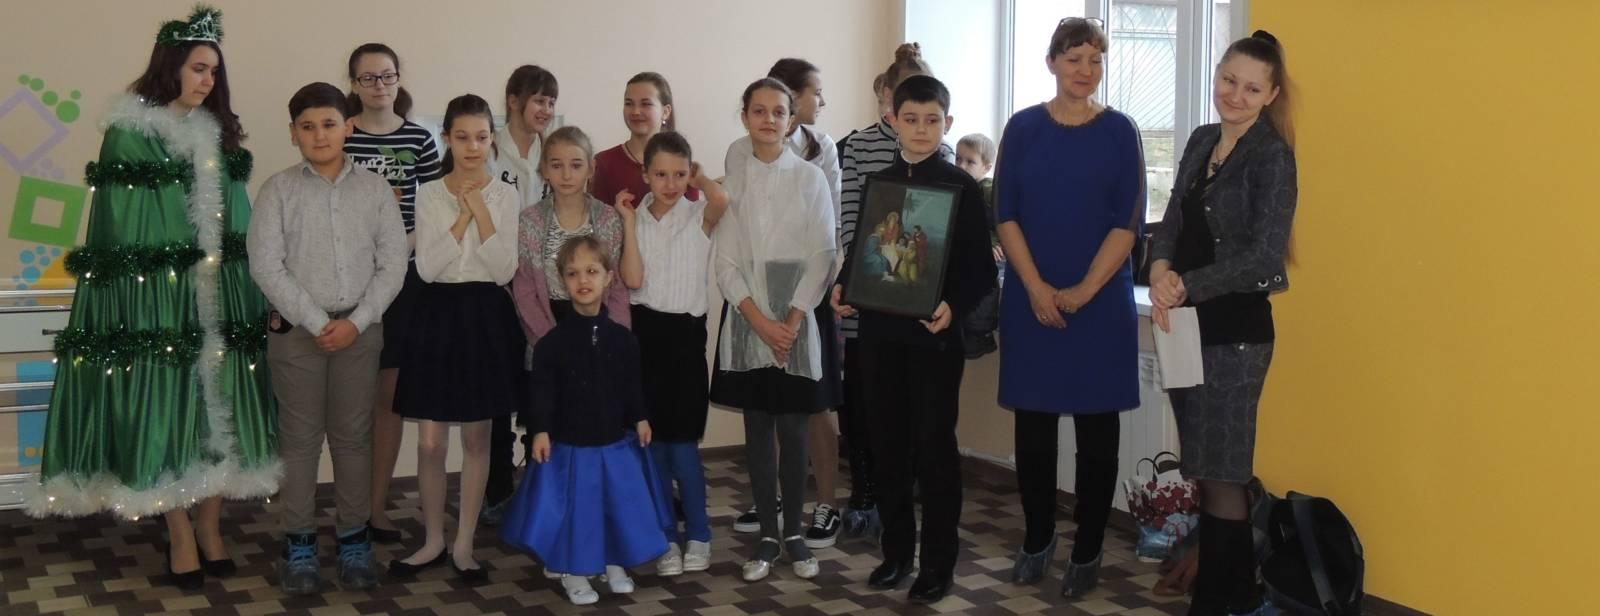 Рождественское поздравление в детском отделении ЦРБ г. Урюпинска.